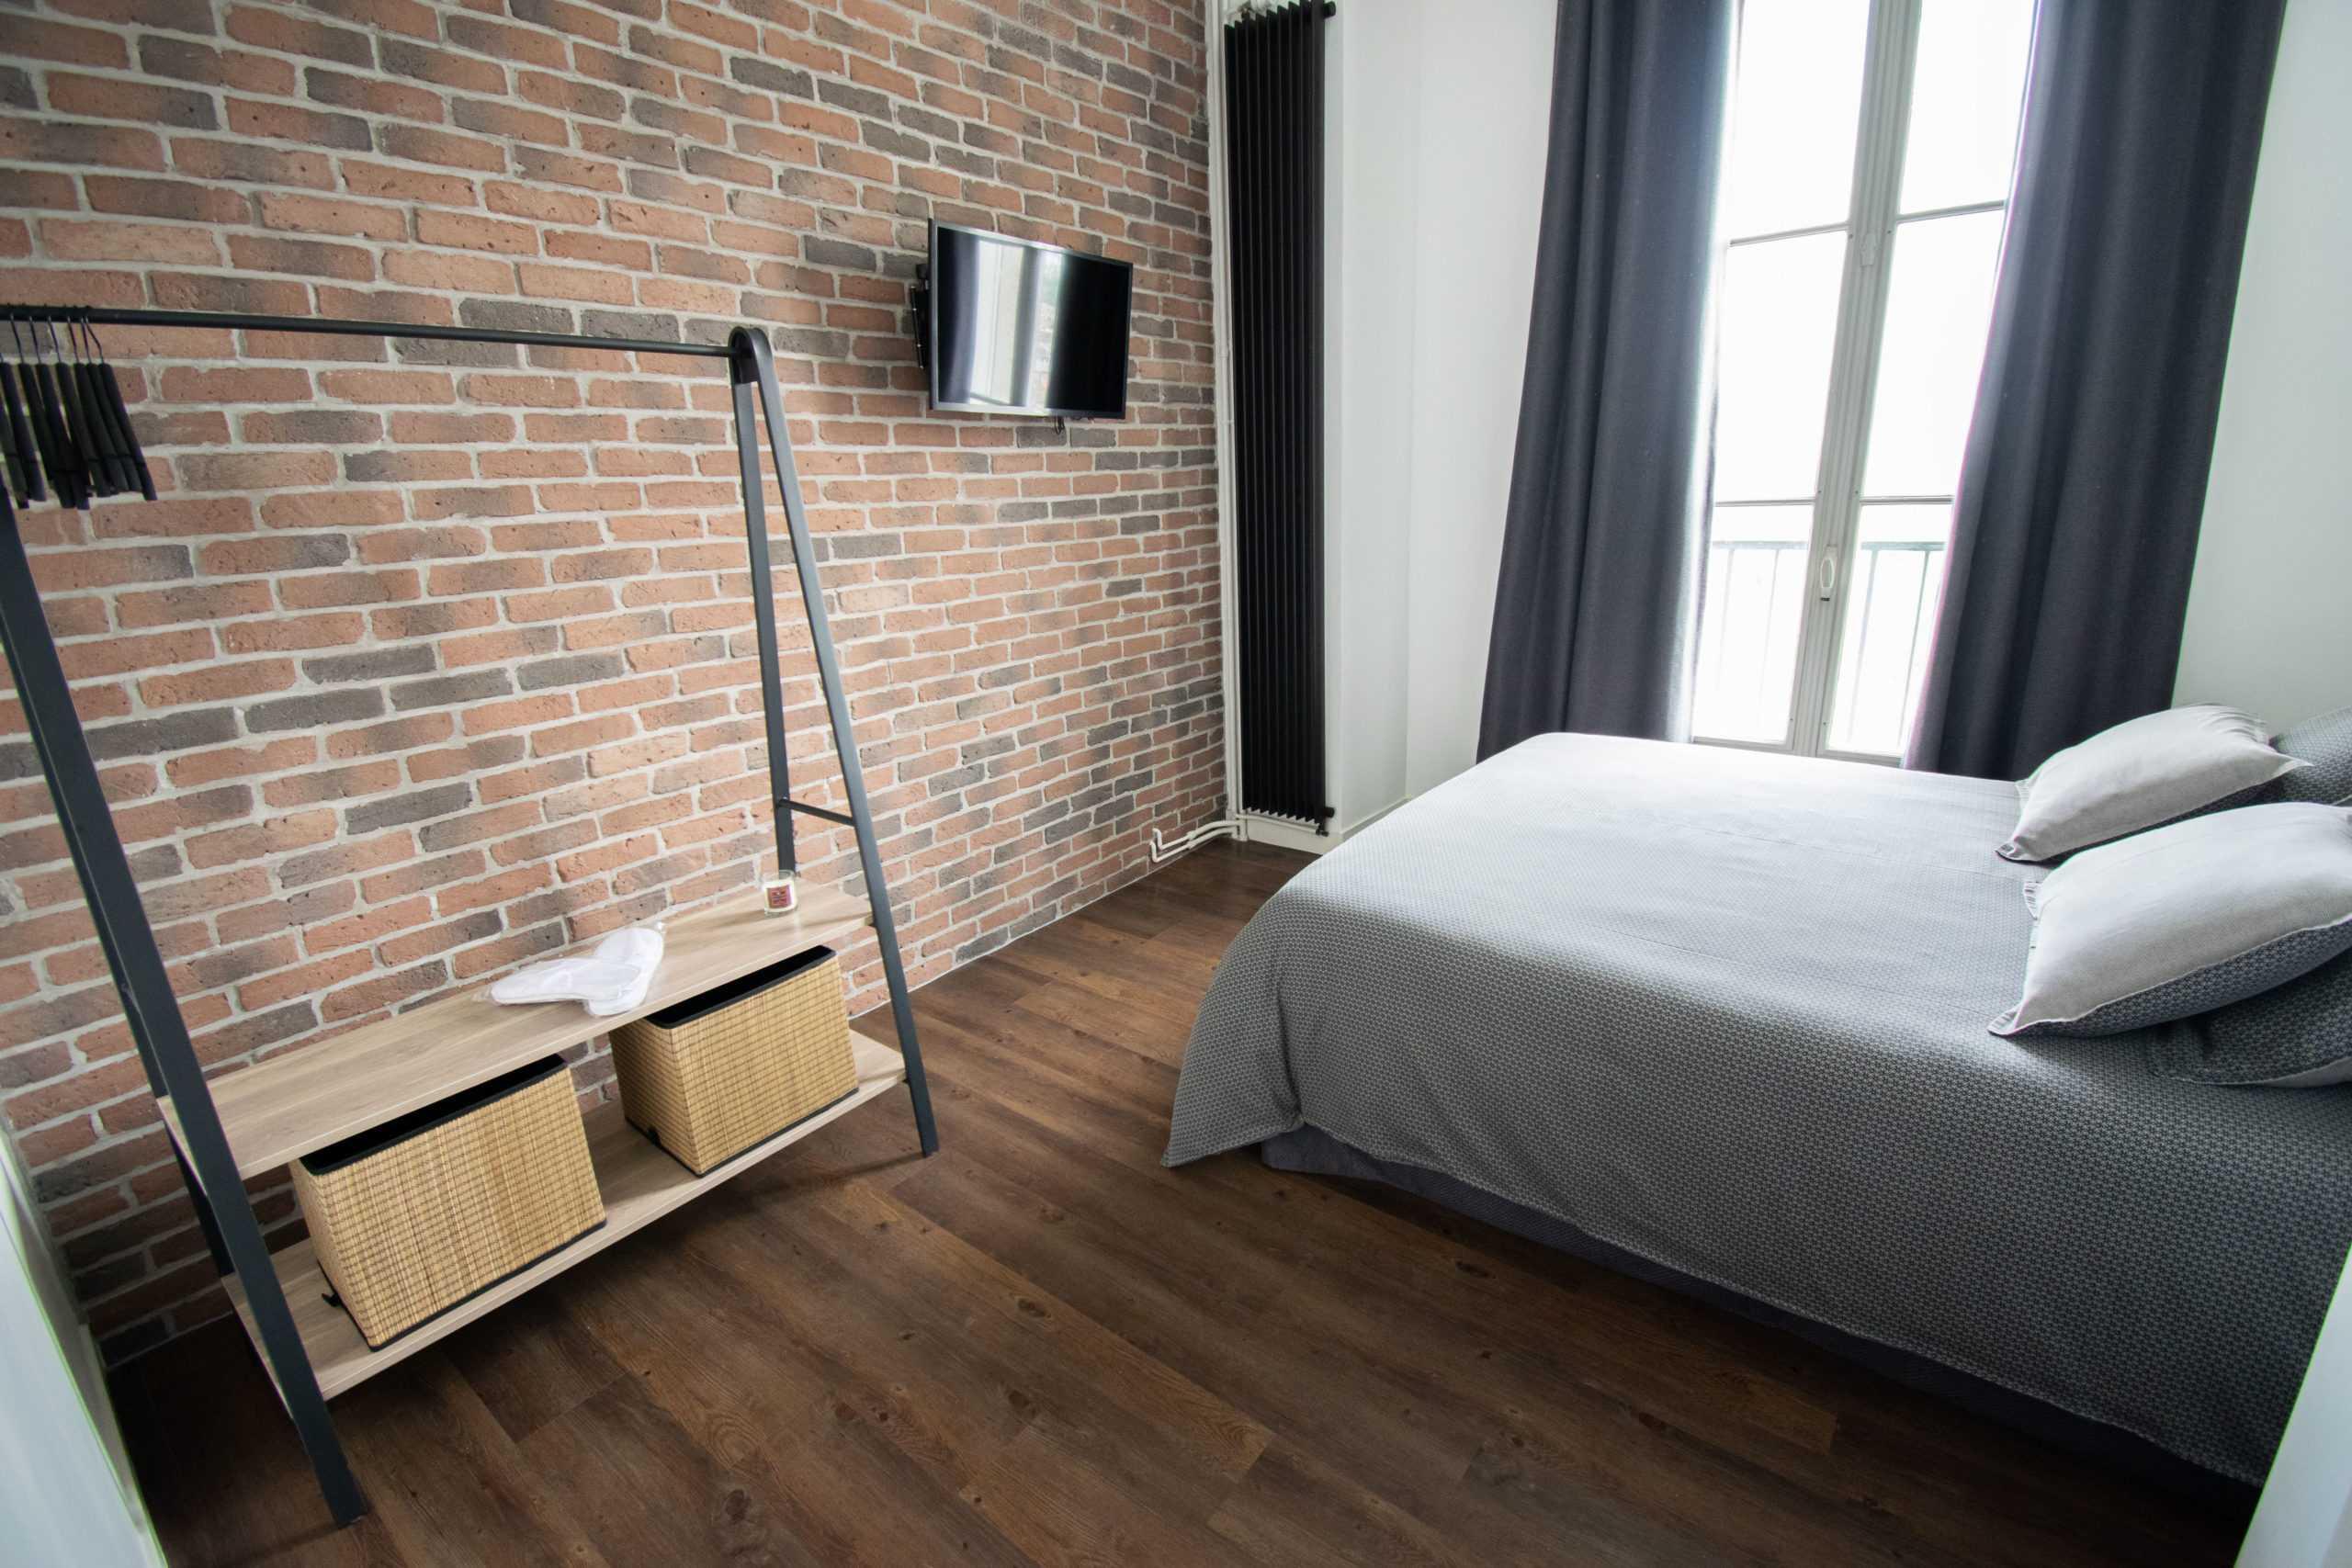 appartement_15eme_droite_tour_perret_amiens_tourisme_chambre_industrielle